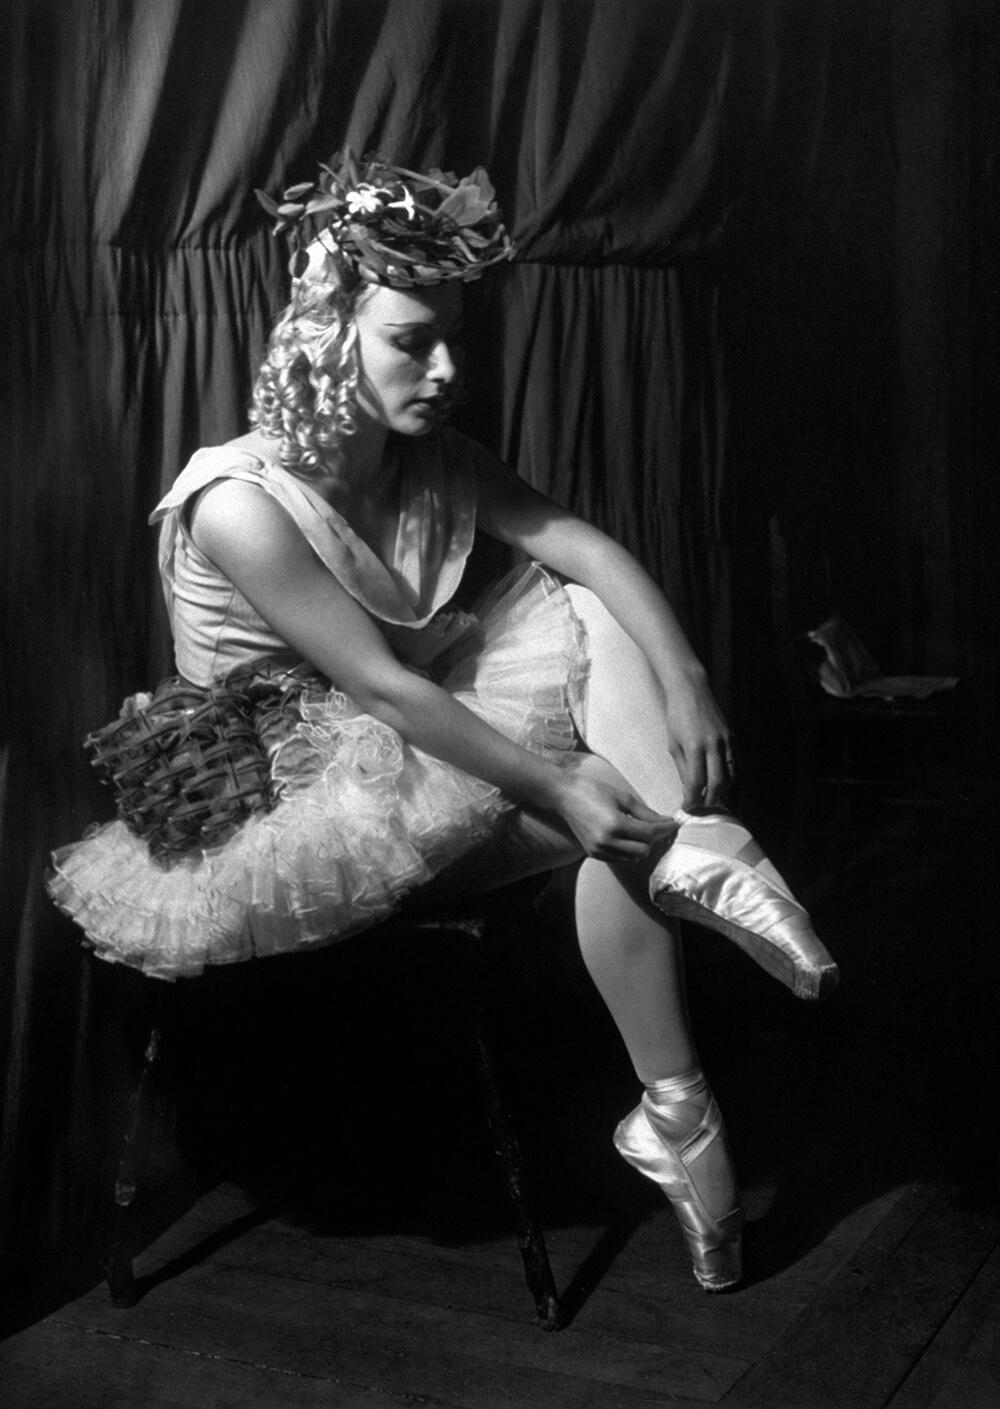 Seated Ballerina fine art photography